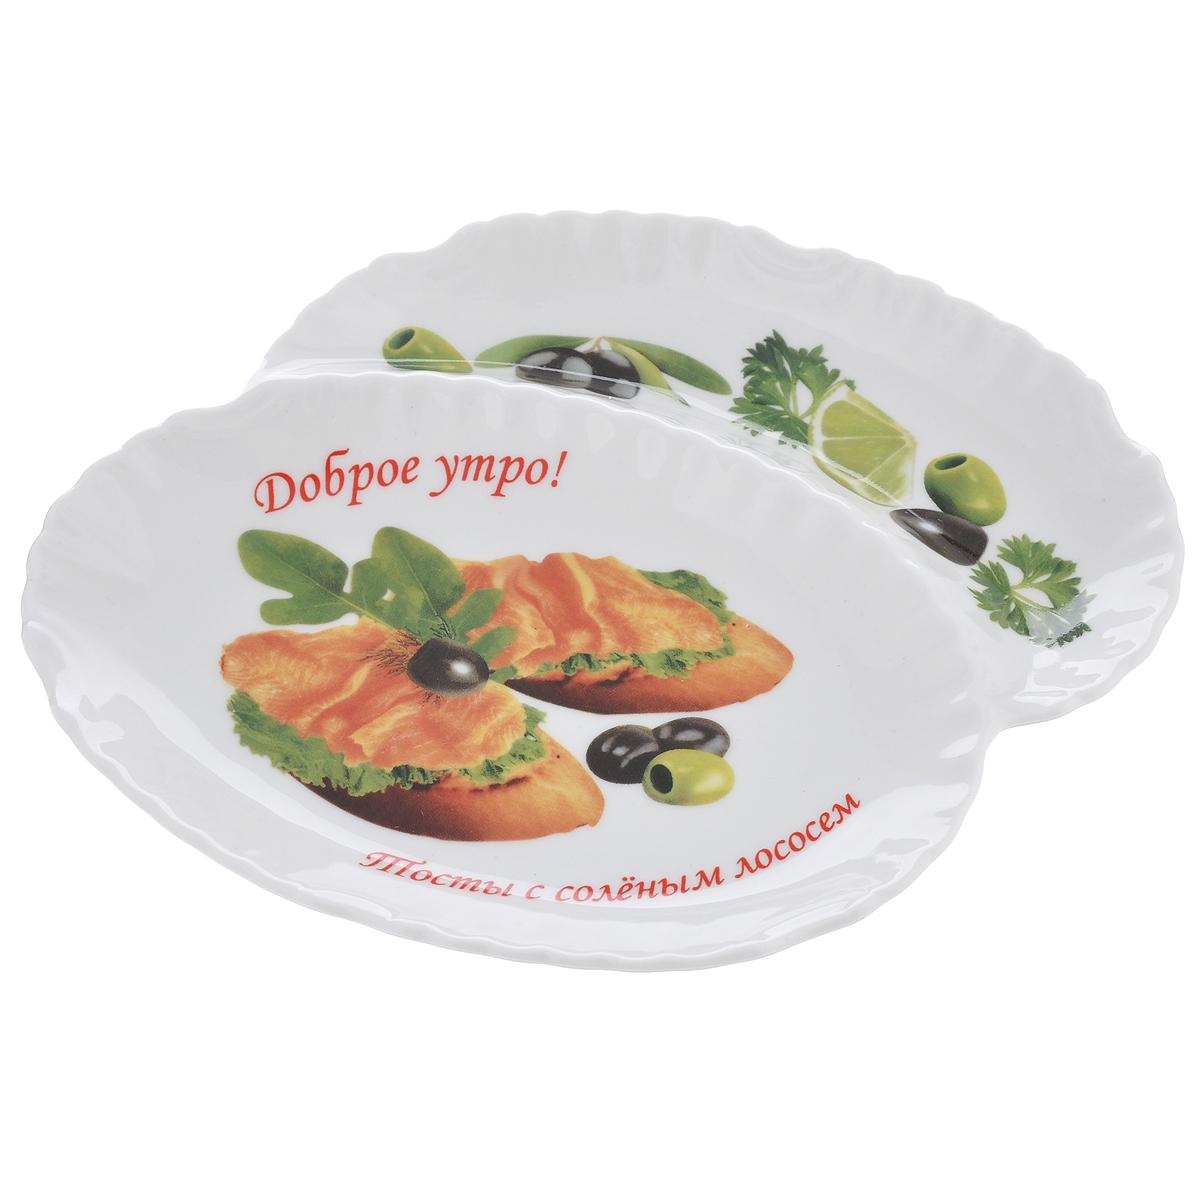 Менажница LarangE Тосты с соленым лососем, 2 секции589-303Изящная менажница LarangE Тосты с соленым лососем, выполненная из высококачественного прочного фарфора, состоит из двух секций. Некоторые блюда можно подавать только в менажнице, чтобы не произошло смешение вкусовых оттенков гарниров. Также менажница может быть использована в качестве посуды для нескольких видов салатов или закусок. Менажница LarangE Тосты с соленым лососем станет замечательной деталью сервировки и великолепным украшением праздничного стола. Можно использовать в СВЧ печах, духовом шкафу и холодильнике. Не применять абразивные чистящие вещества. Количество секций: 2. Размер секций менажницы: 16 см х 10,5 см; 16 см х 4,5 см. Высота стенки менажницы: 2,5 см.